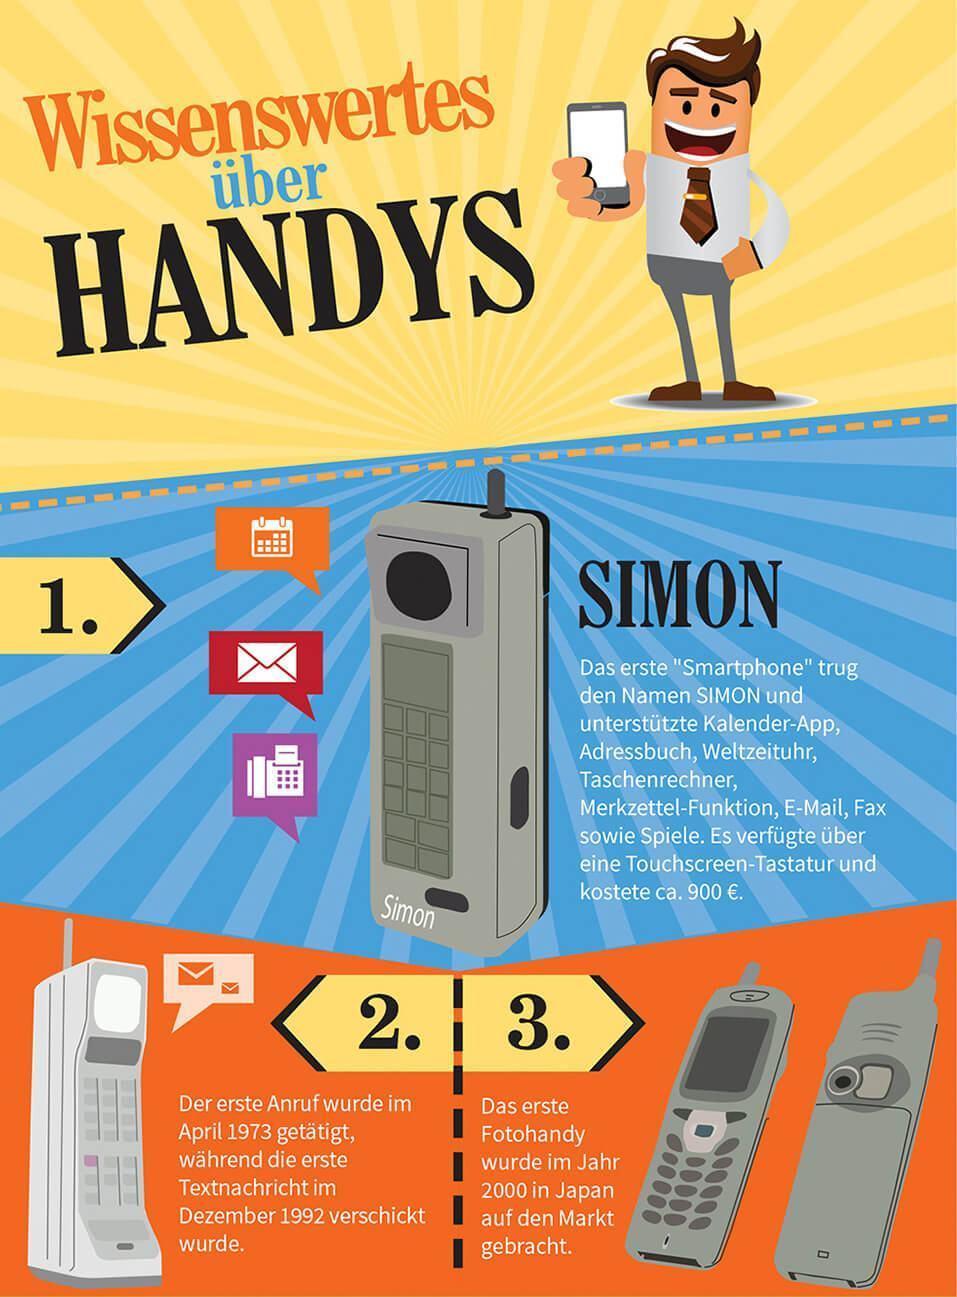 Exkurs: Verblüffende Fakten über Handys und Smartphones, die Du kennen solltest 5